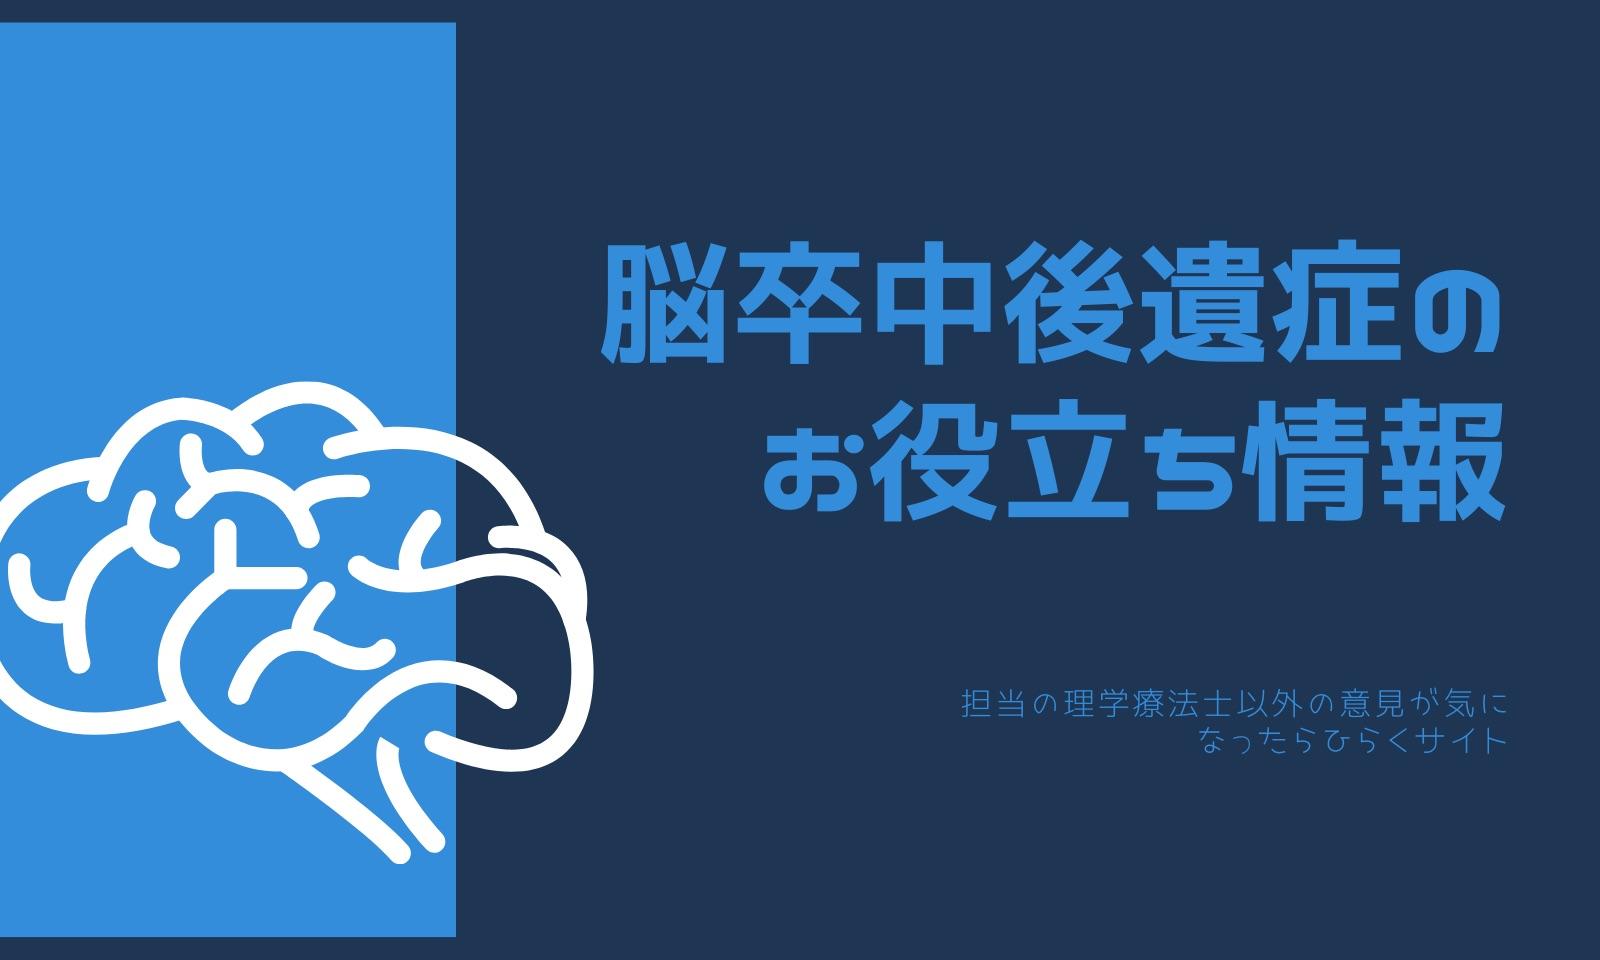 脳卒中後遺症のお役立ち情報